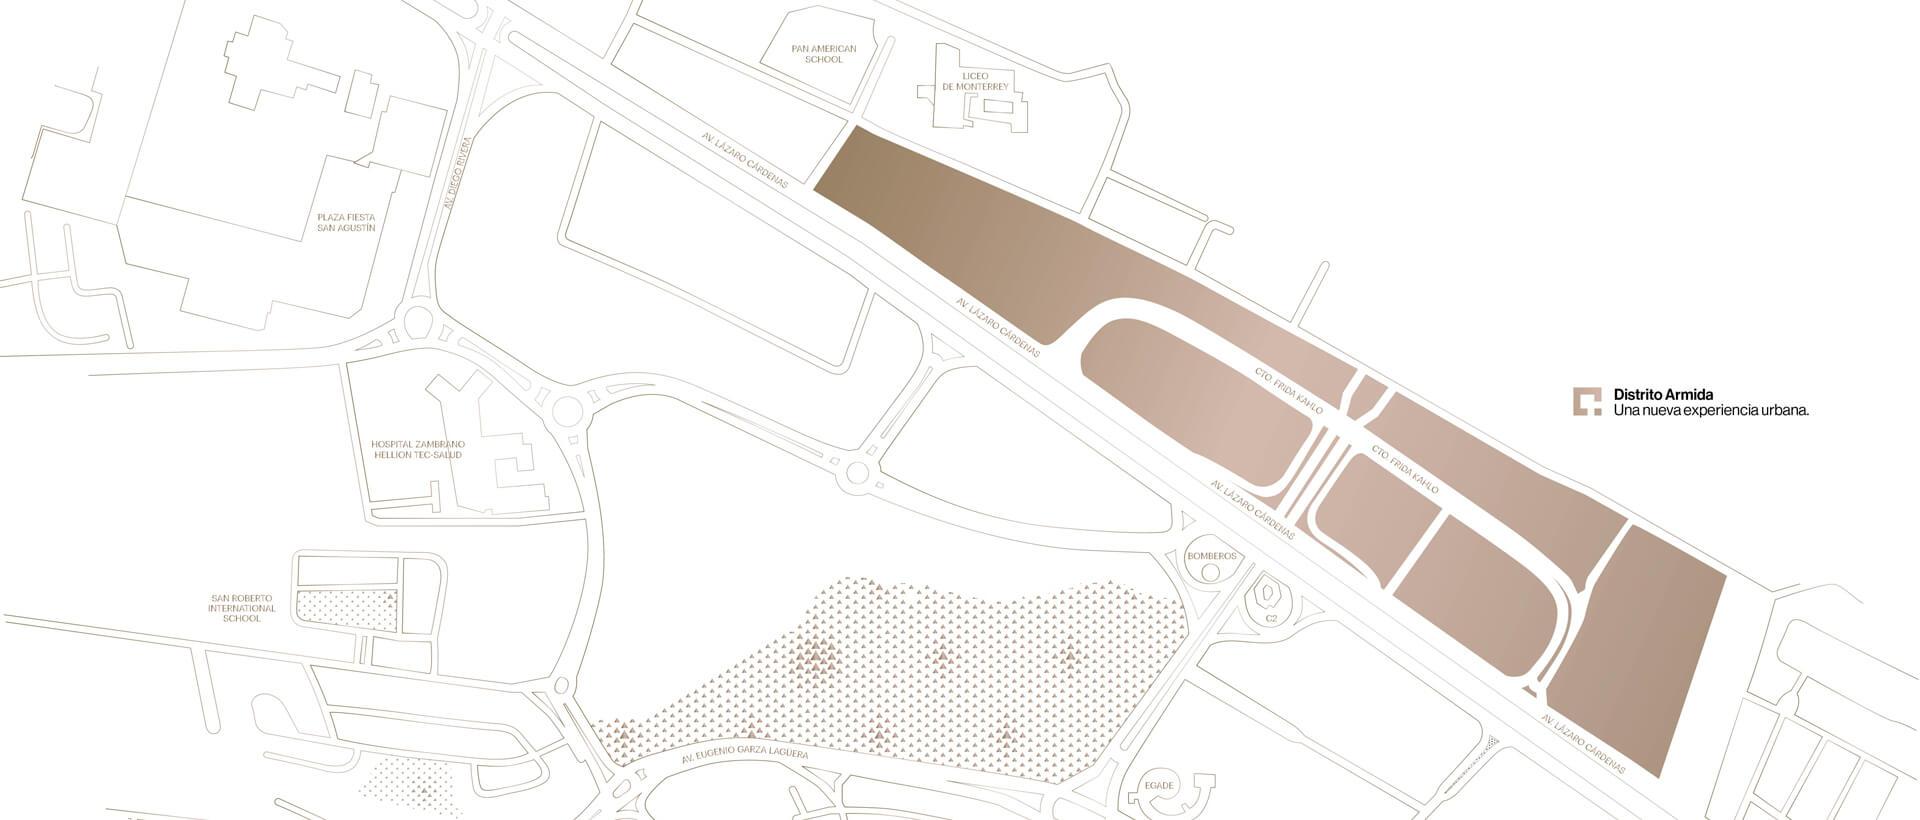 mapa general distrito armida